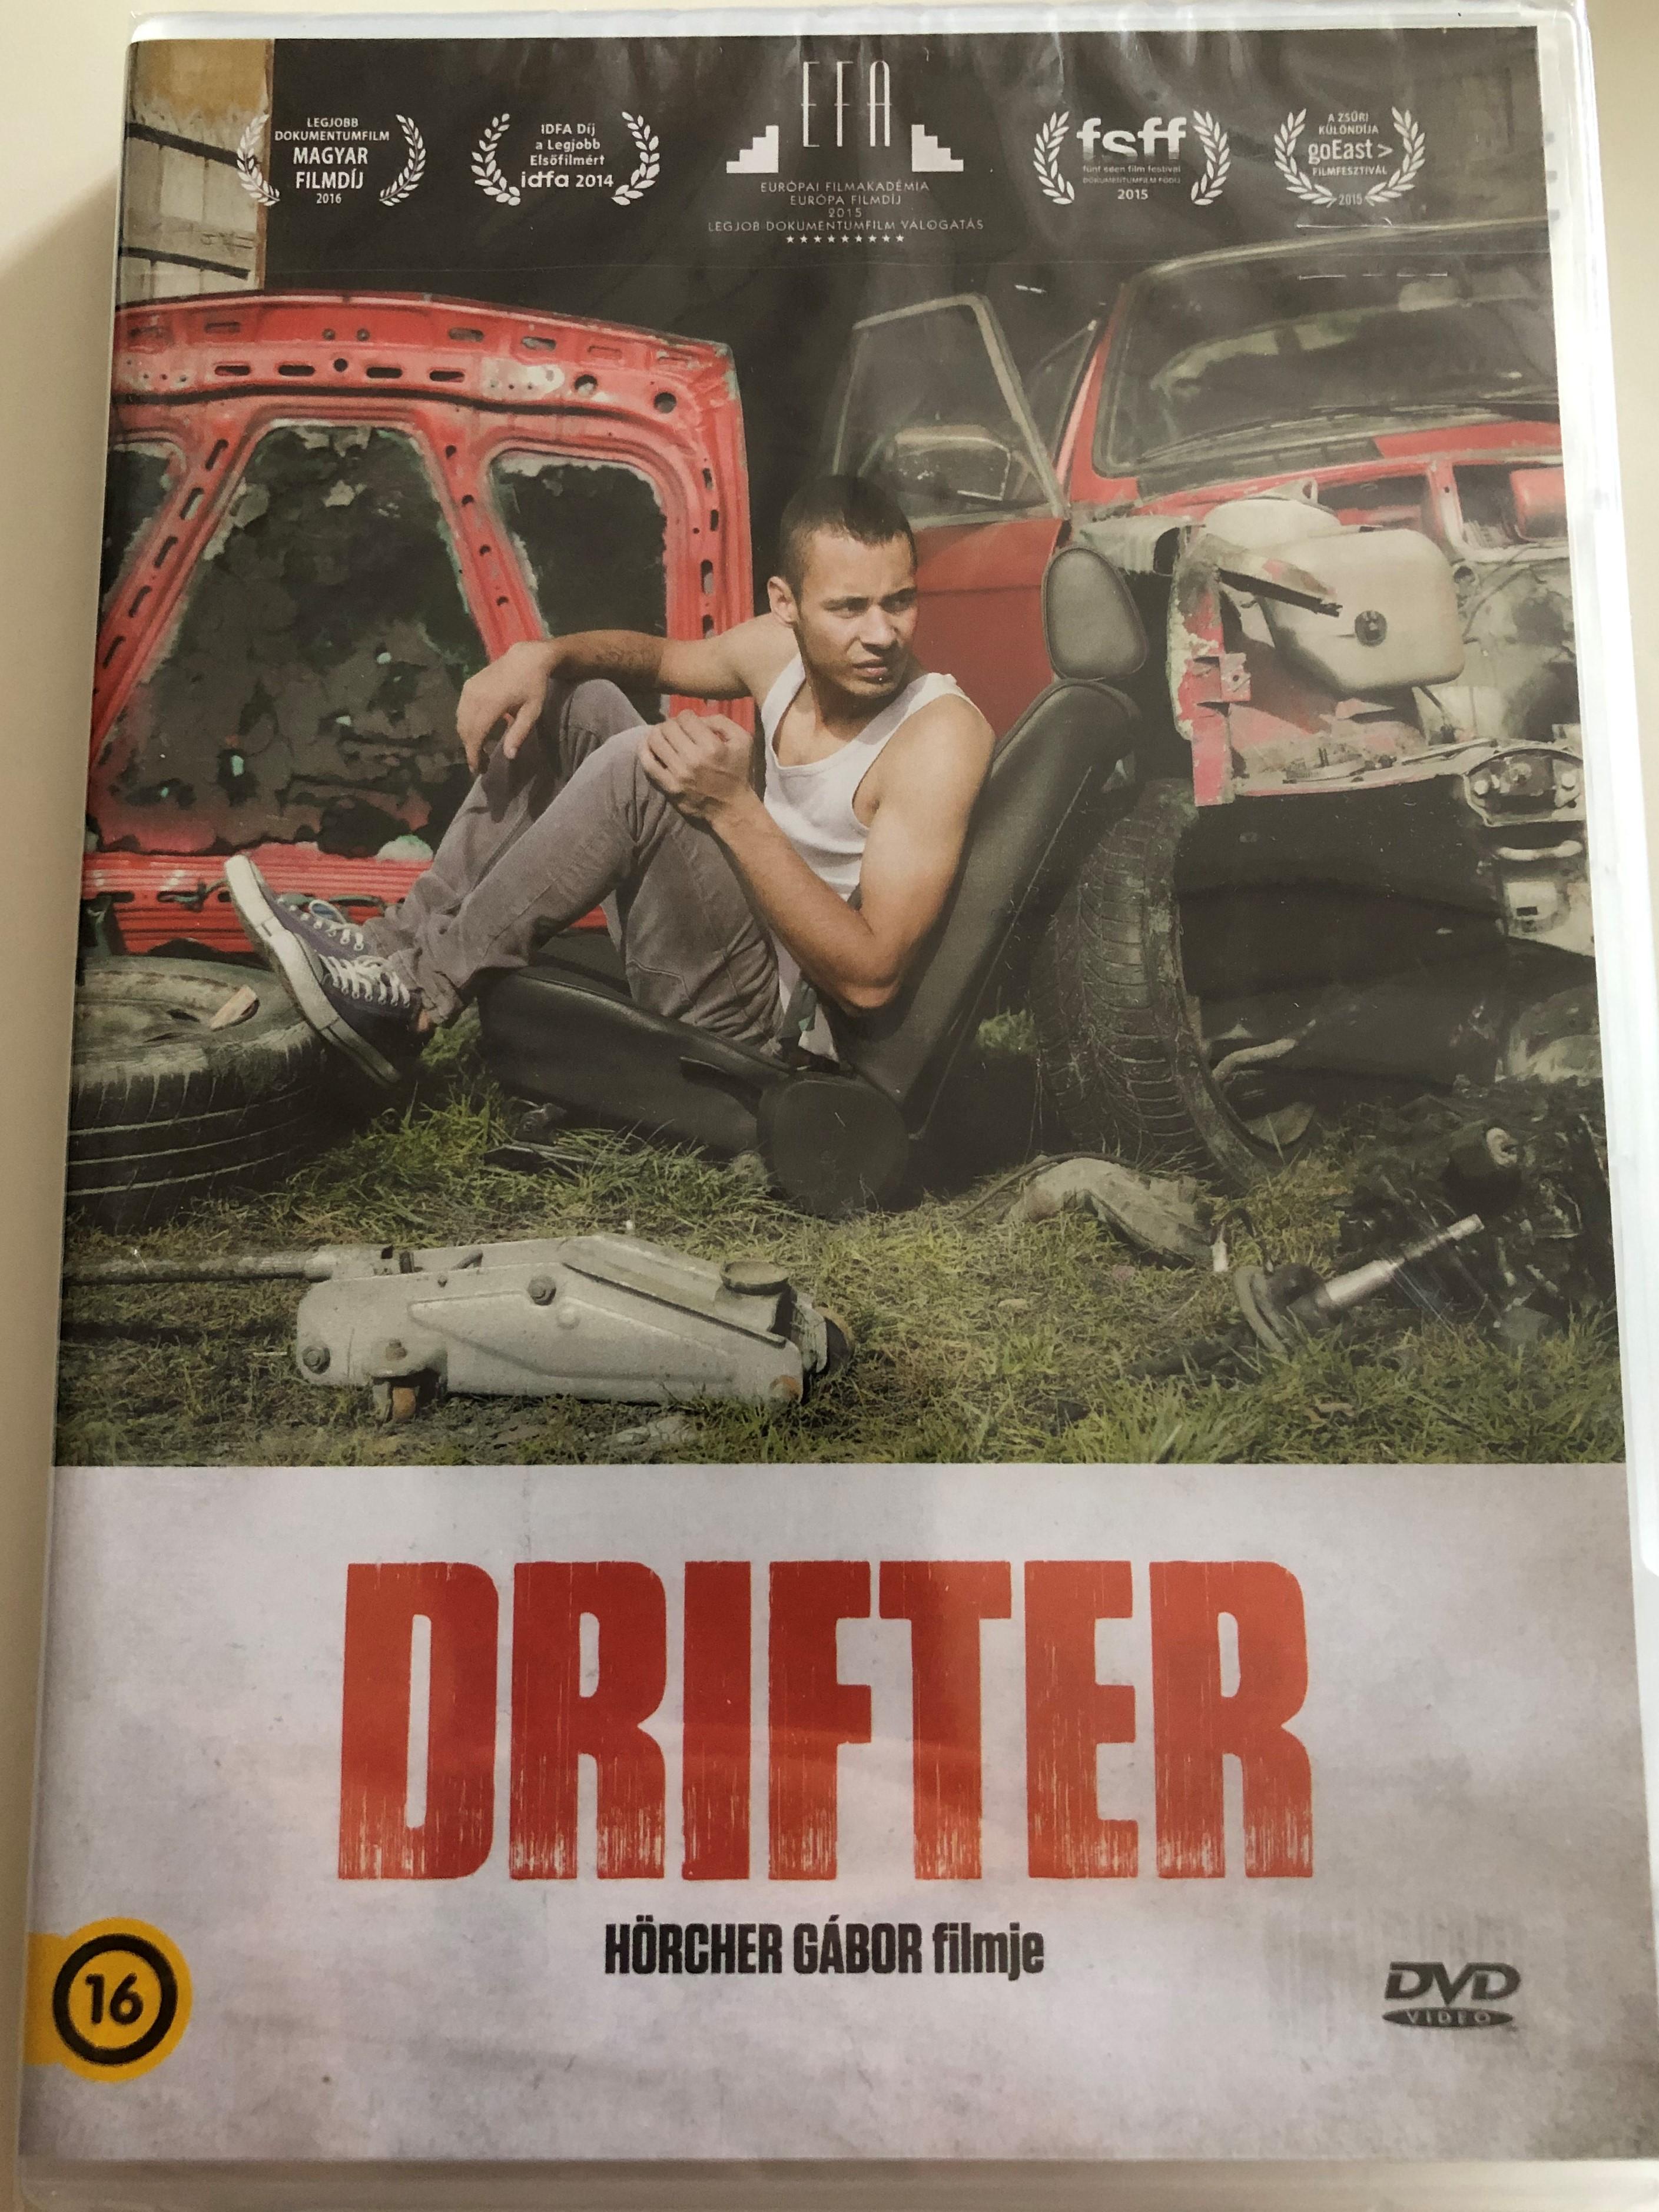 drifter-dvd-2015-directed-by-h-rcher-g-bor-starring-steinbach-rich-rd-1-.jpg